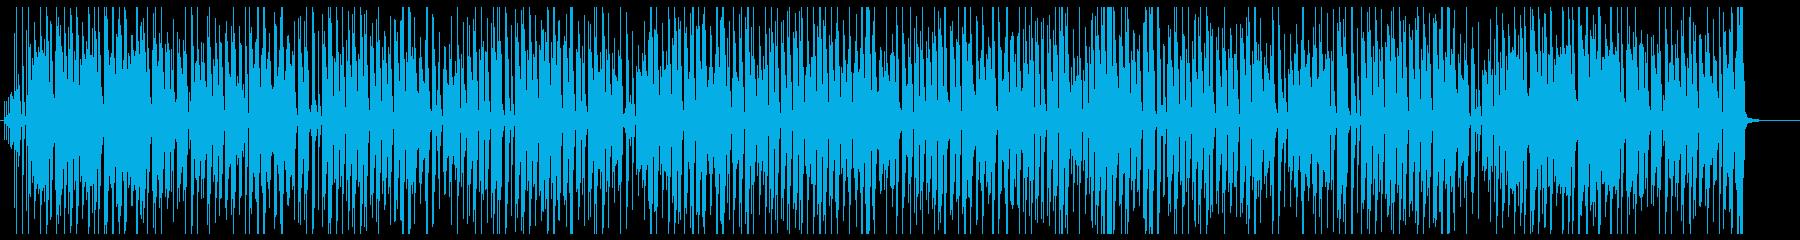 滑稽な日常をコミカルなレゲエ調にの再生済みの波形